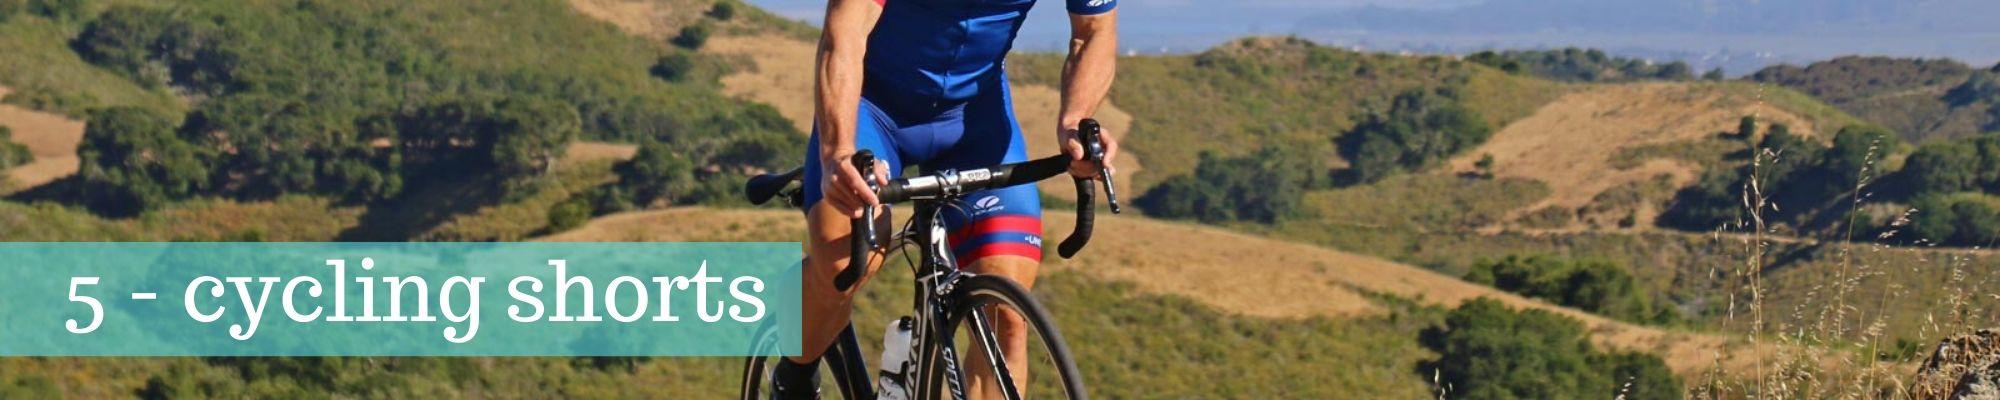 cycling shorts - gift 5